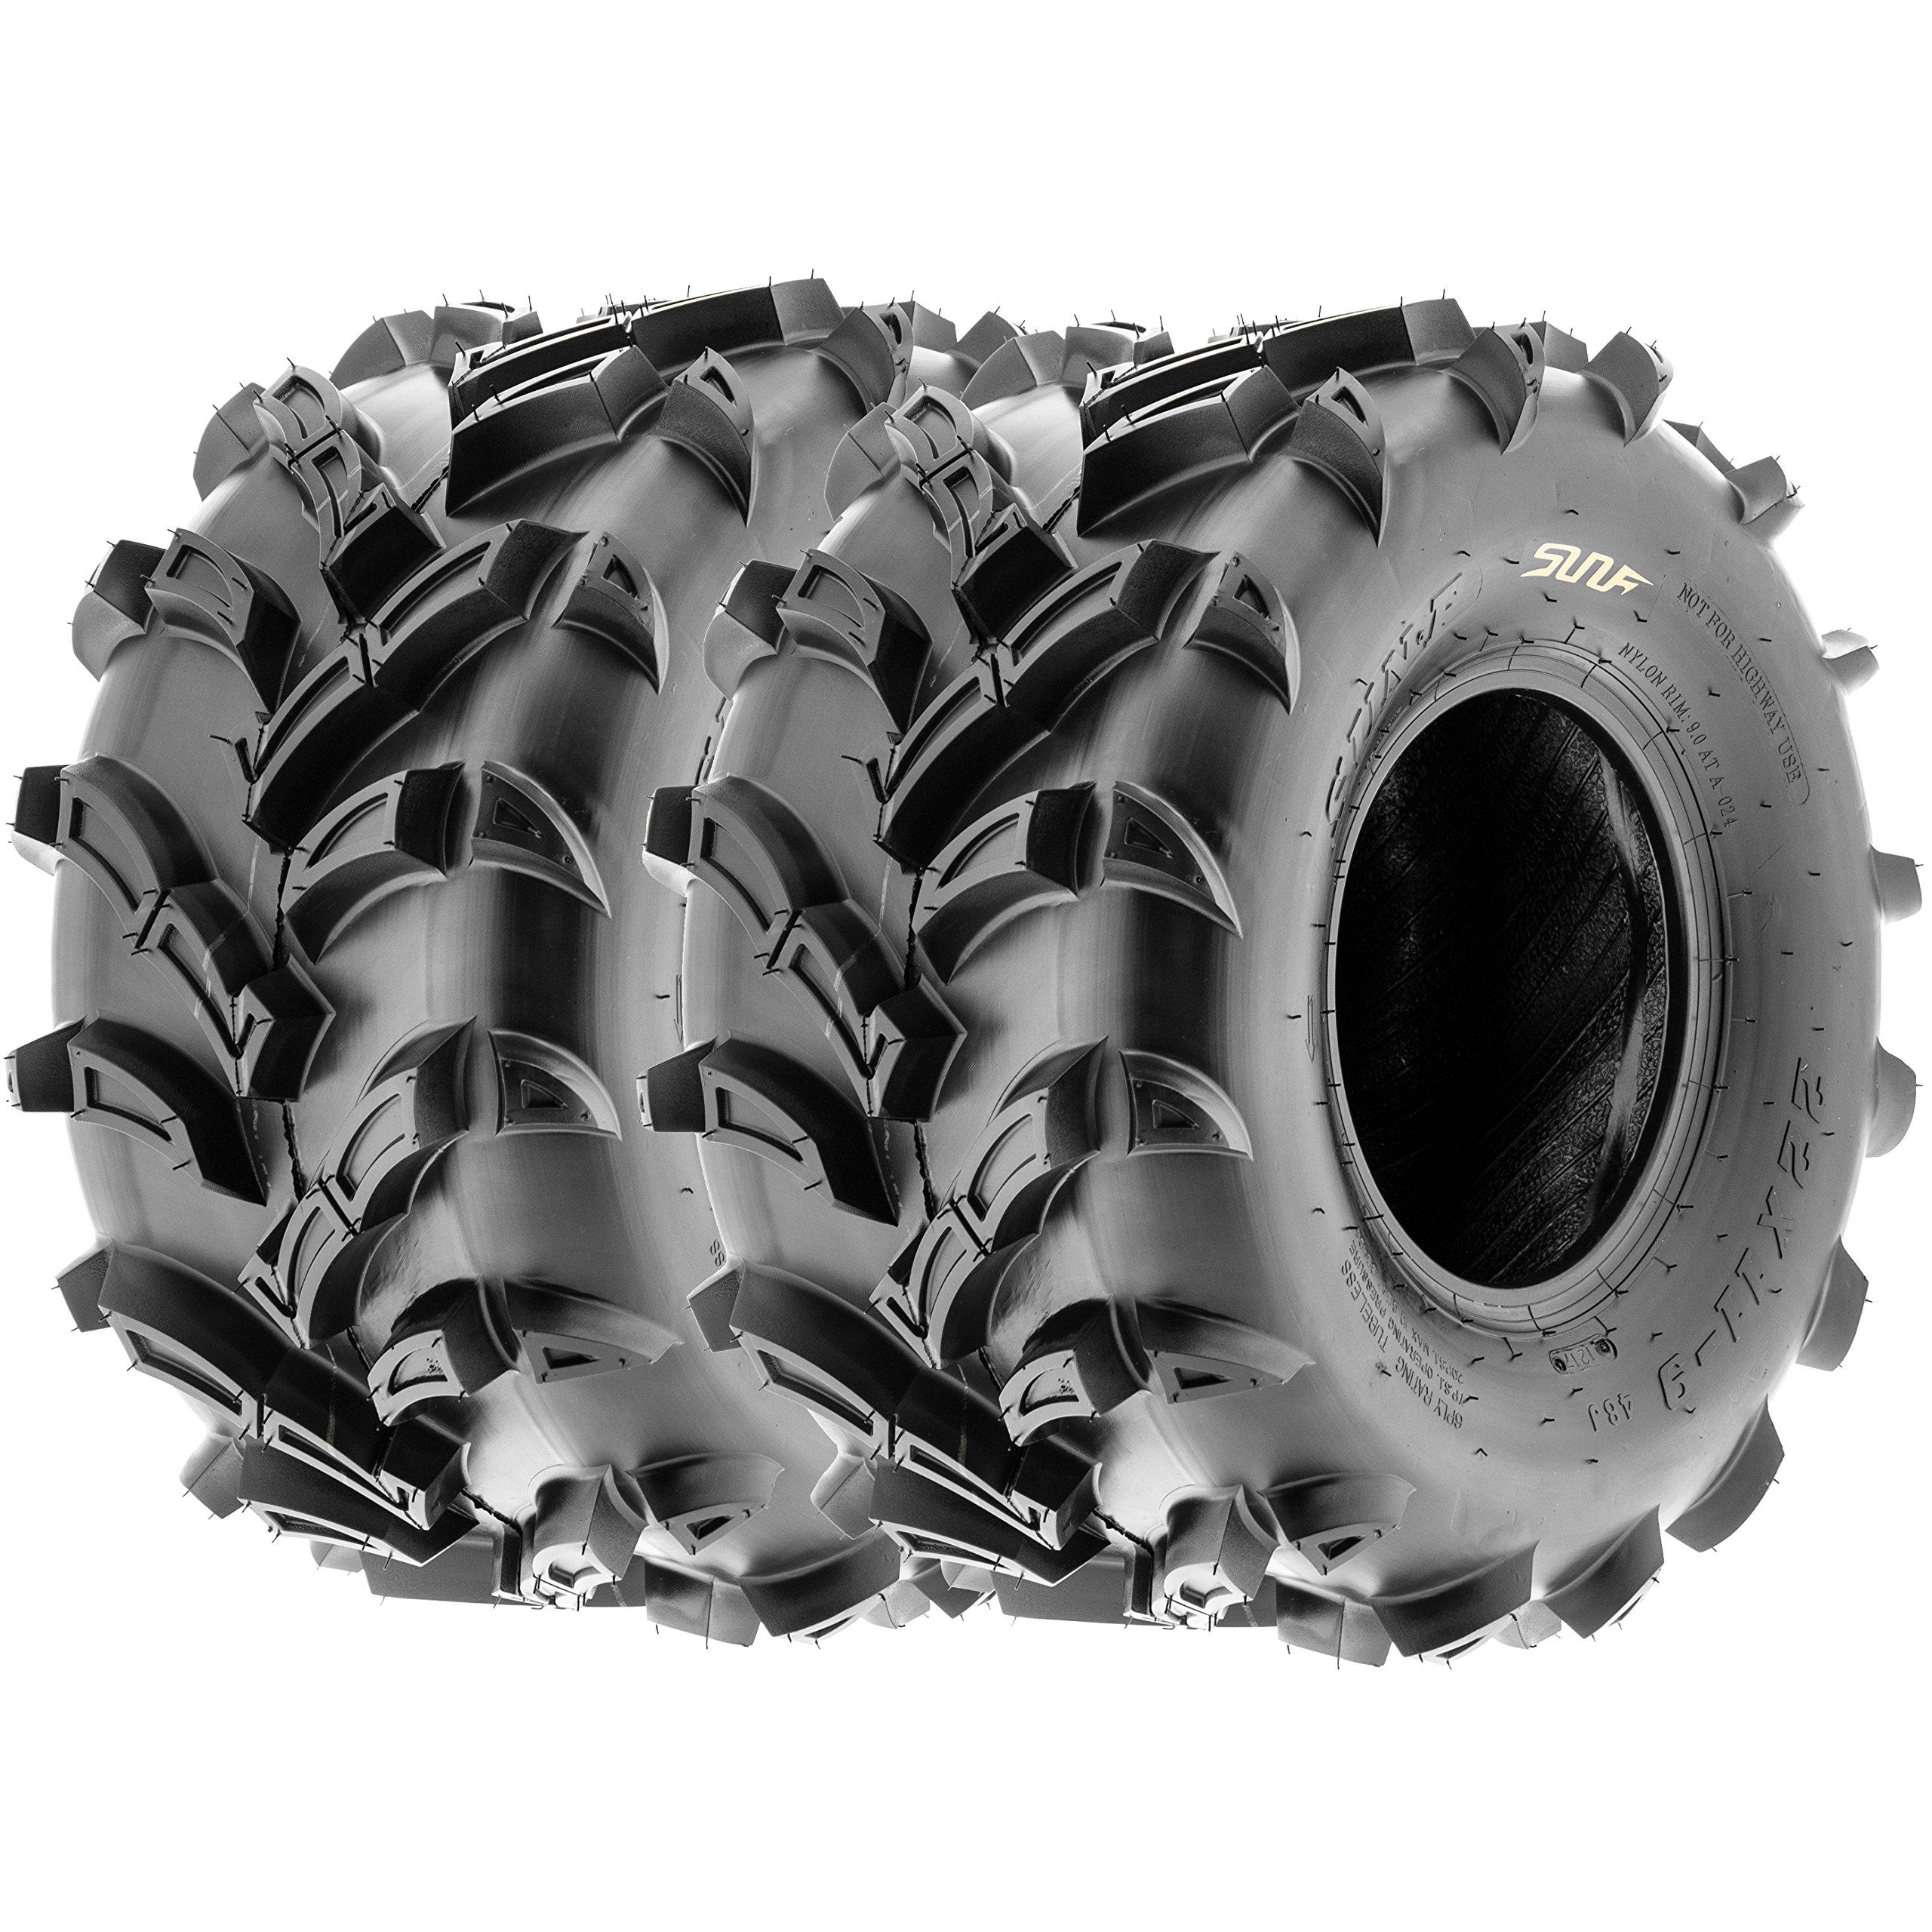 SunF ATV UTV Mud & All Terrain Tires 22x11-9 22x11x9 6 PR A024 (Set pair of 2)